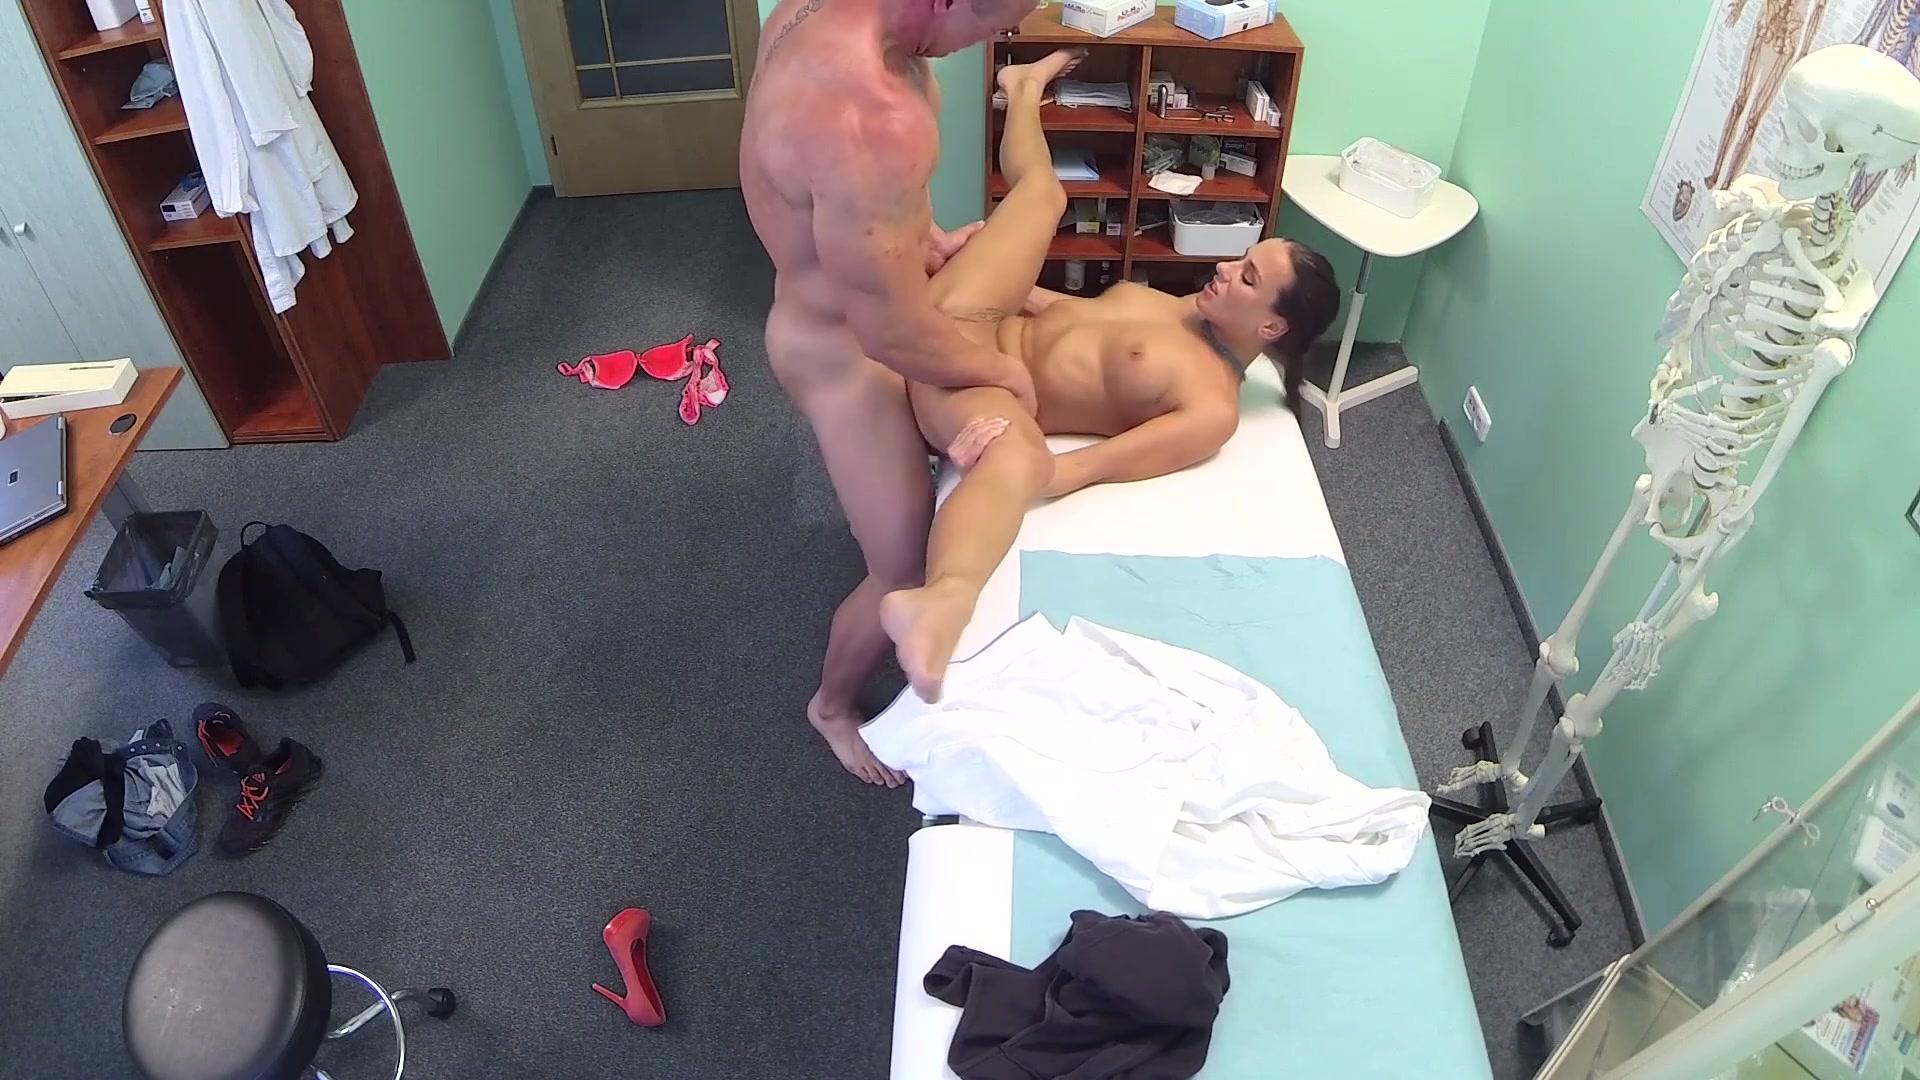 Секс в примерочной молодой пары скрытой камерой, порно дойки онлайн видео на телефоне